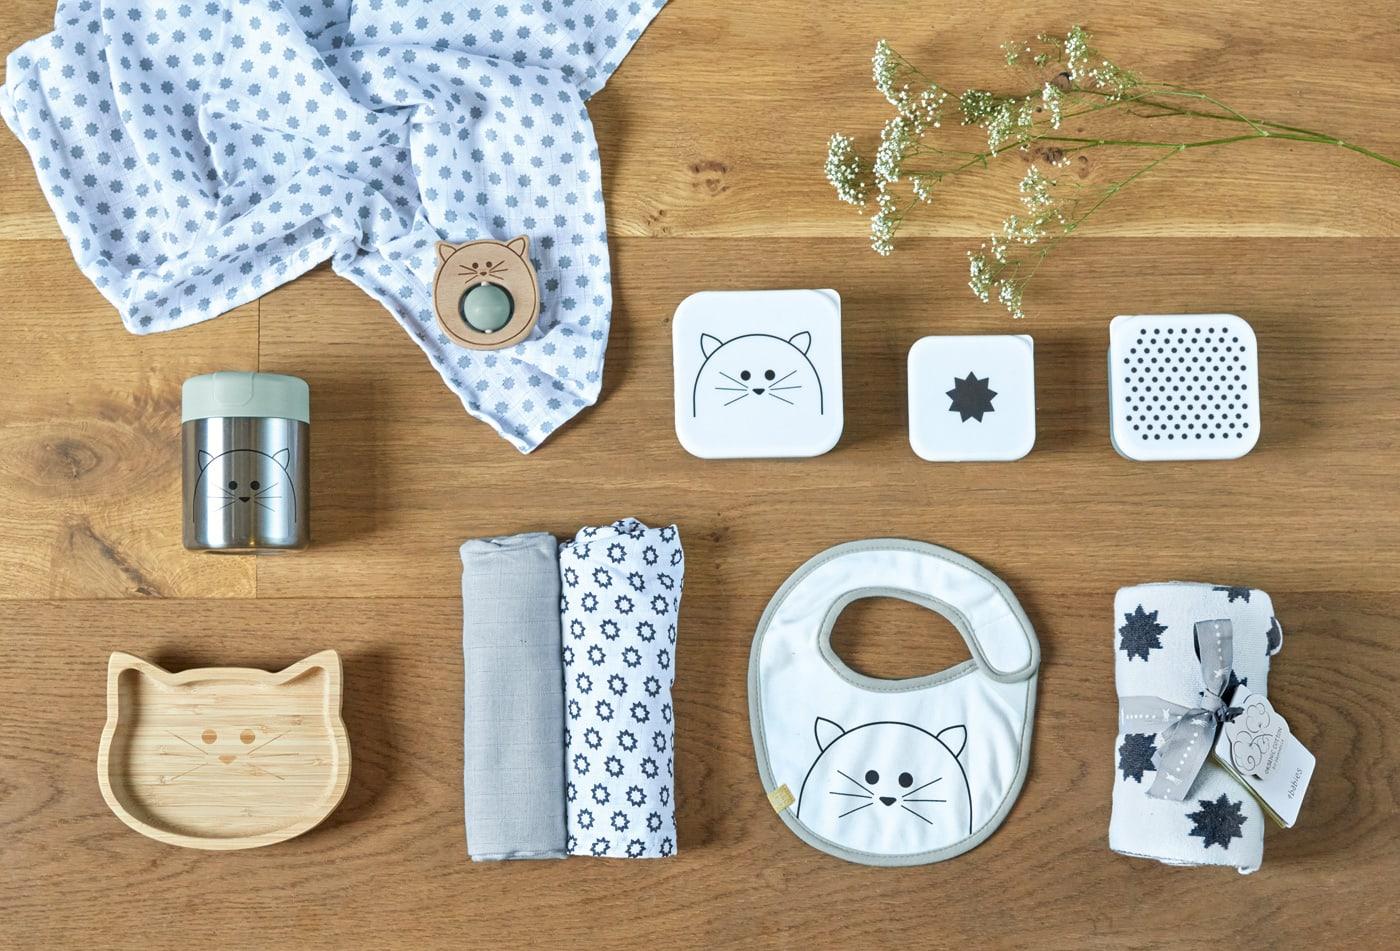 HIMBEER Newsletter Mini-Tipps für Berlin mit Baby oder Kleinkind – anmelden und gewinnen: Set von LÄSSIG // HIMBEER